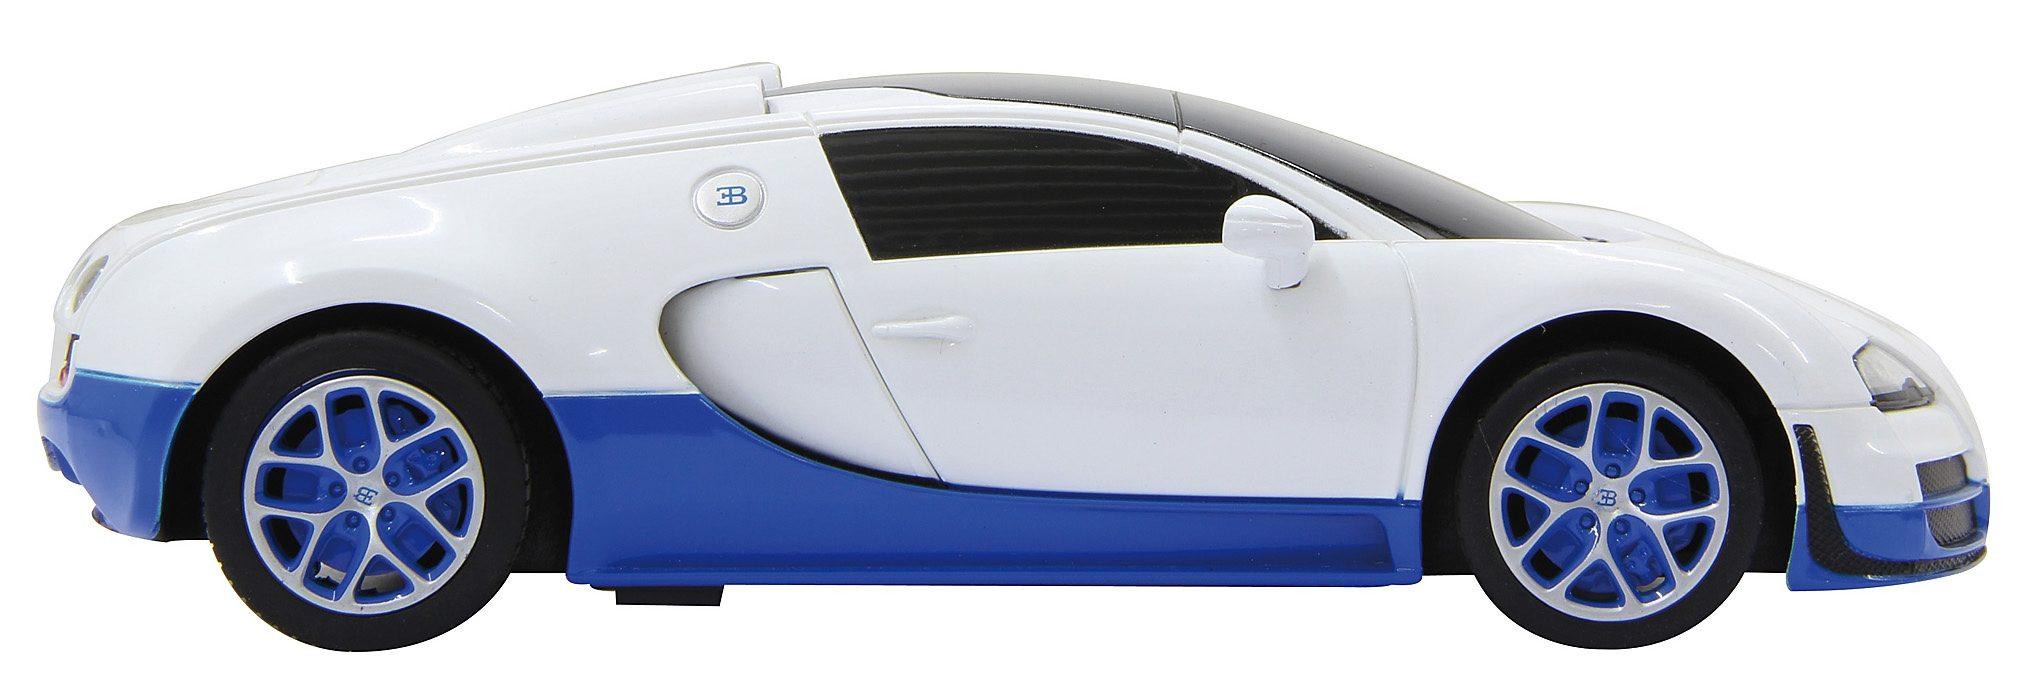 JAMARA RC Auto mit Licht, Maßstab 1:18, 40 MHz, »Bugatti Veyron blau/weiß«